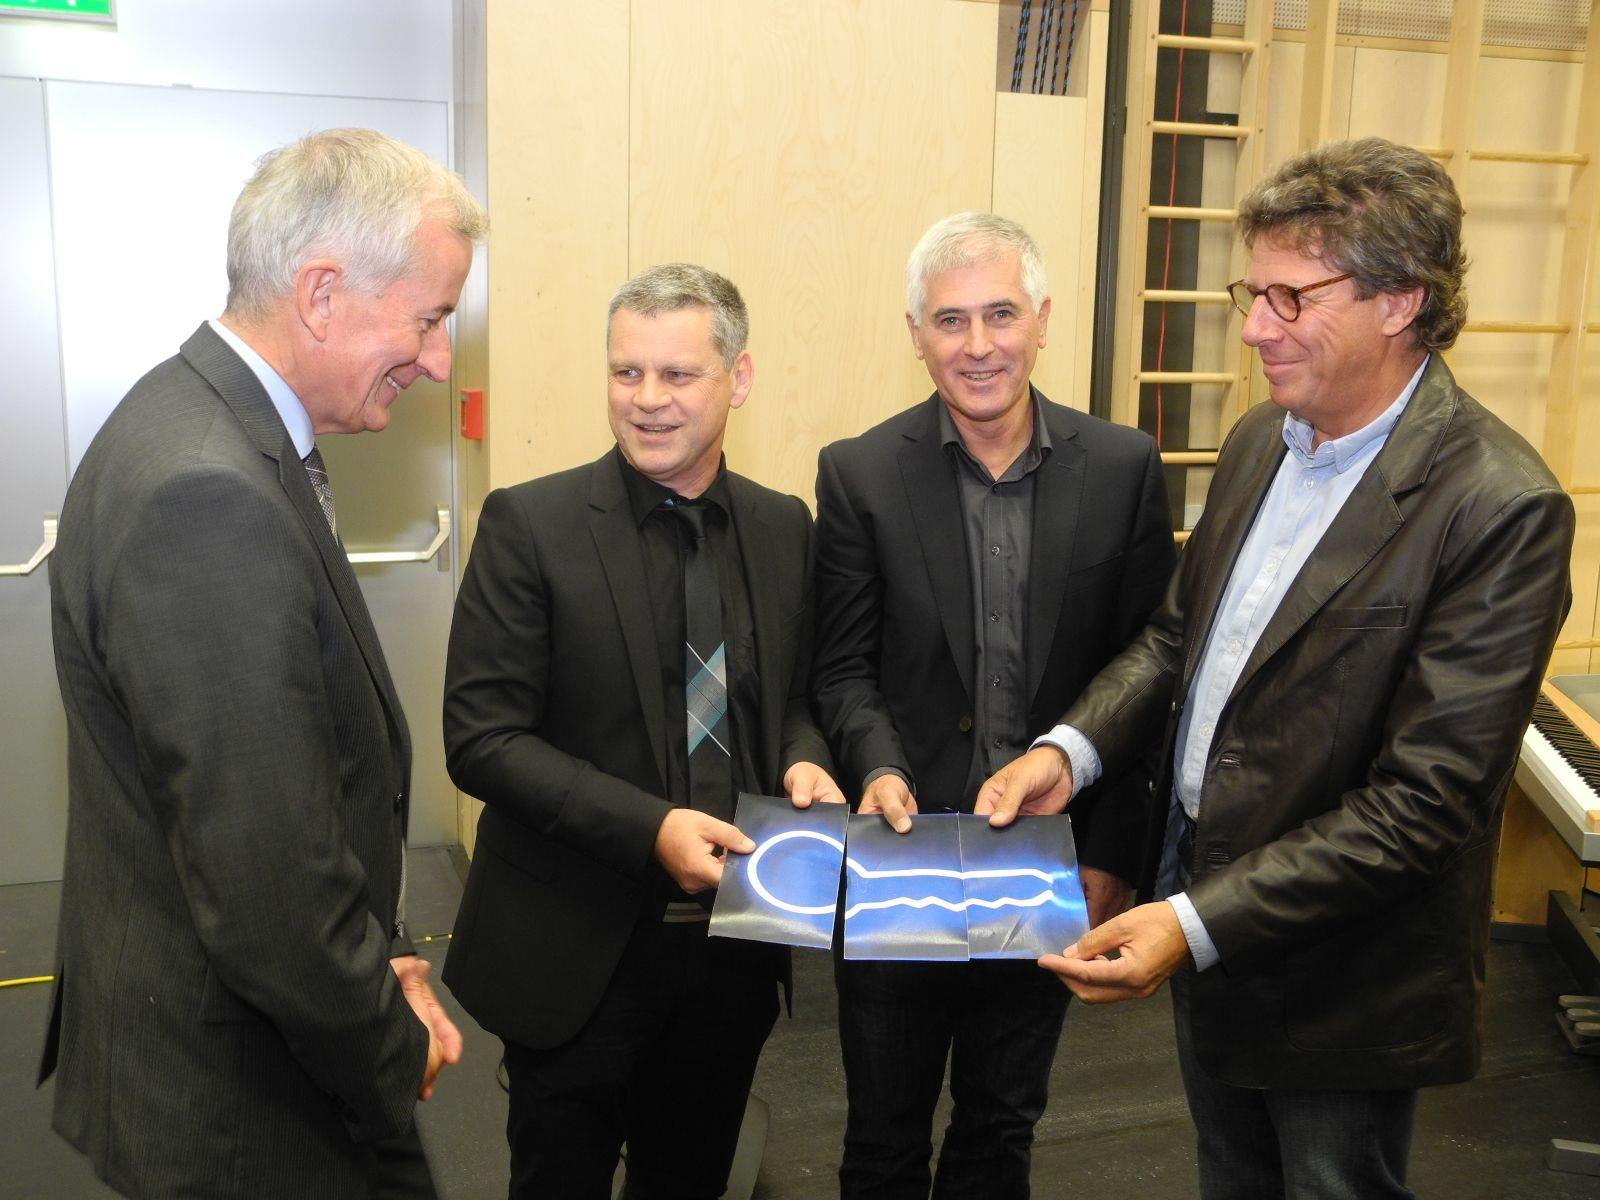 (l.) Bürgermeister Wilfried Berchtold, das Architektenteam Dieter Walser mit Erwin Werle und Gernot Thurnher übergeben den symbolische Schlüssel in Form von Gutscheinen